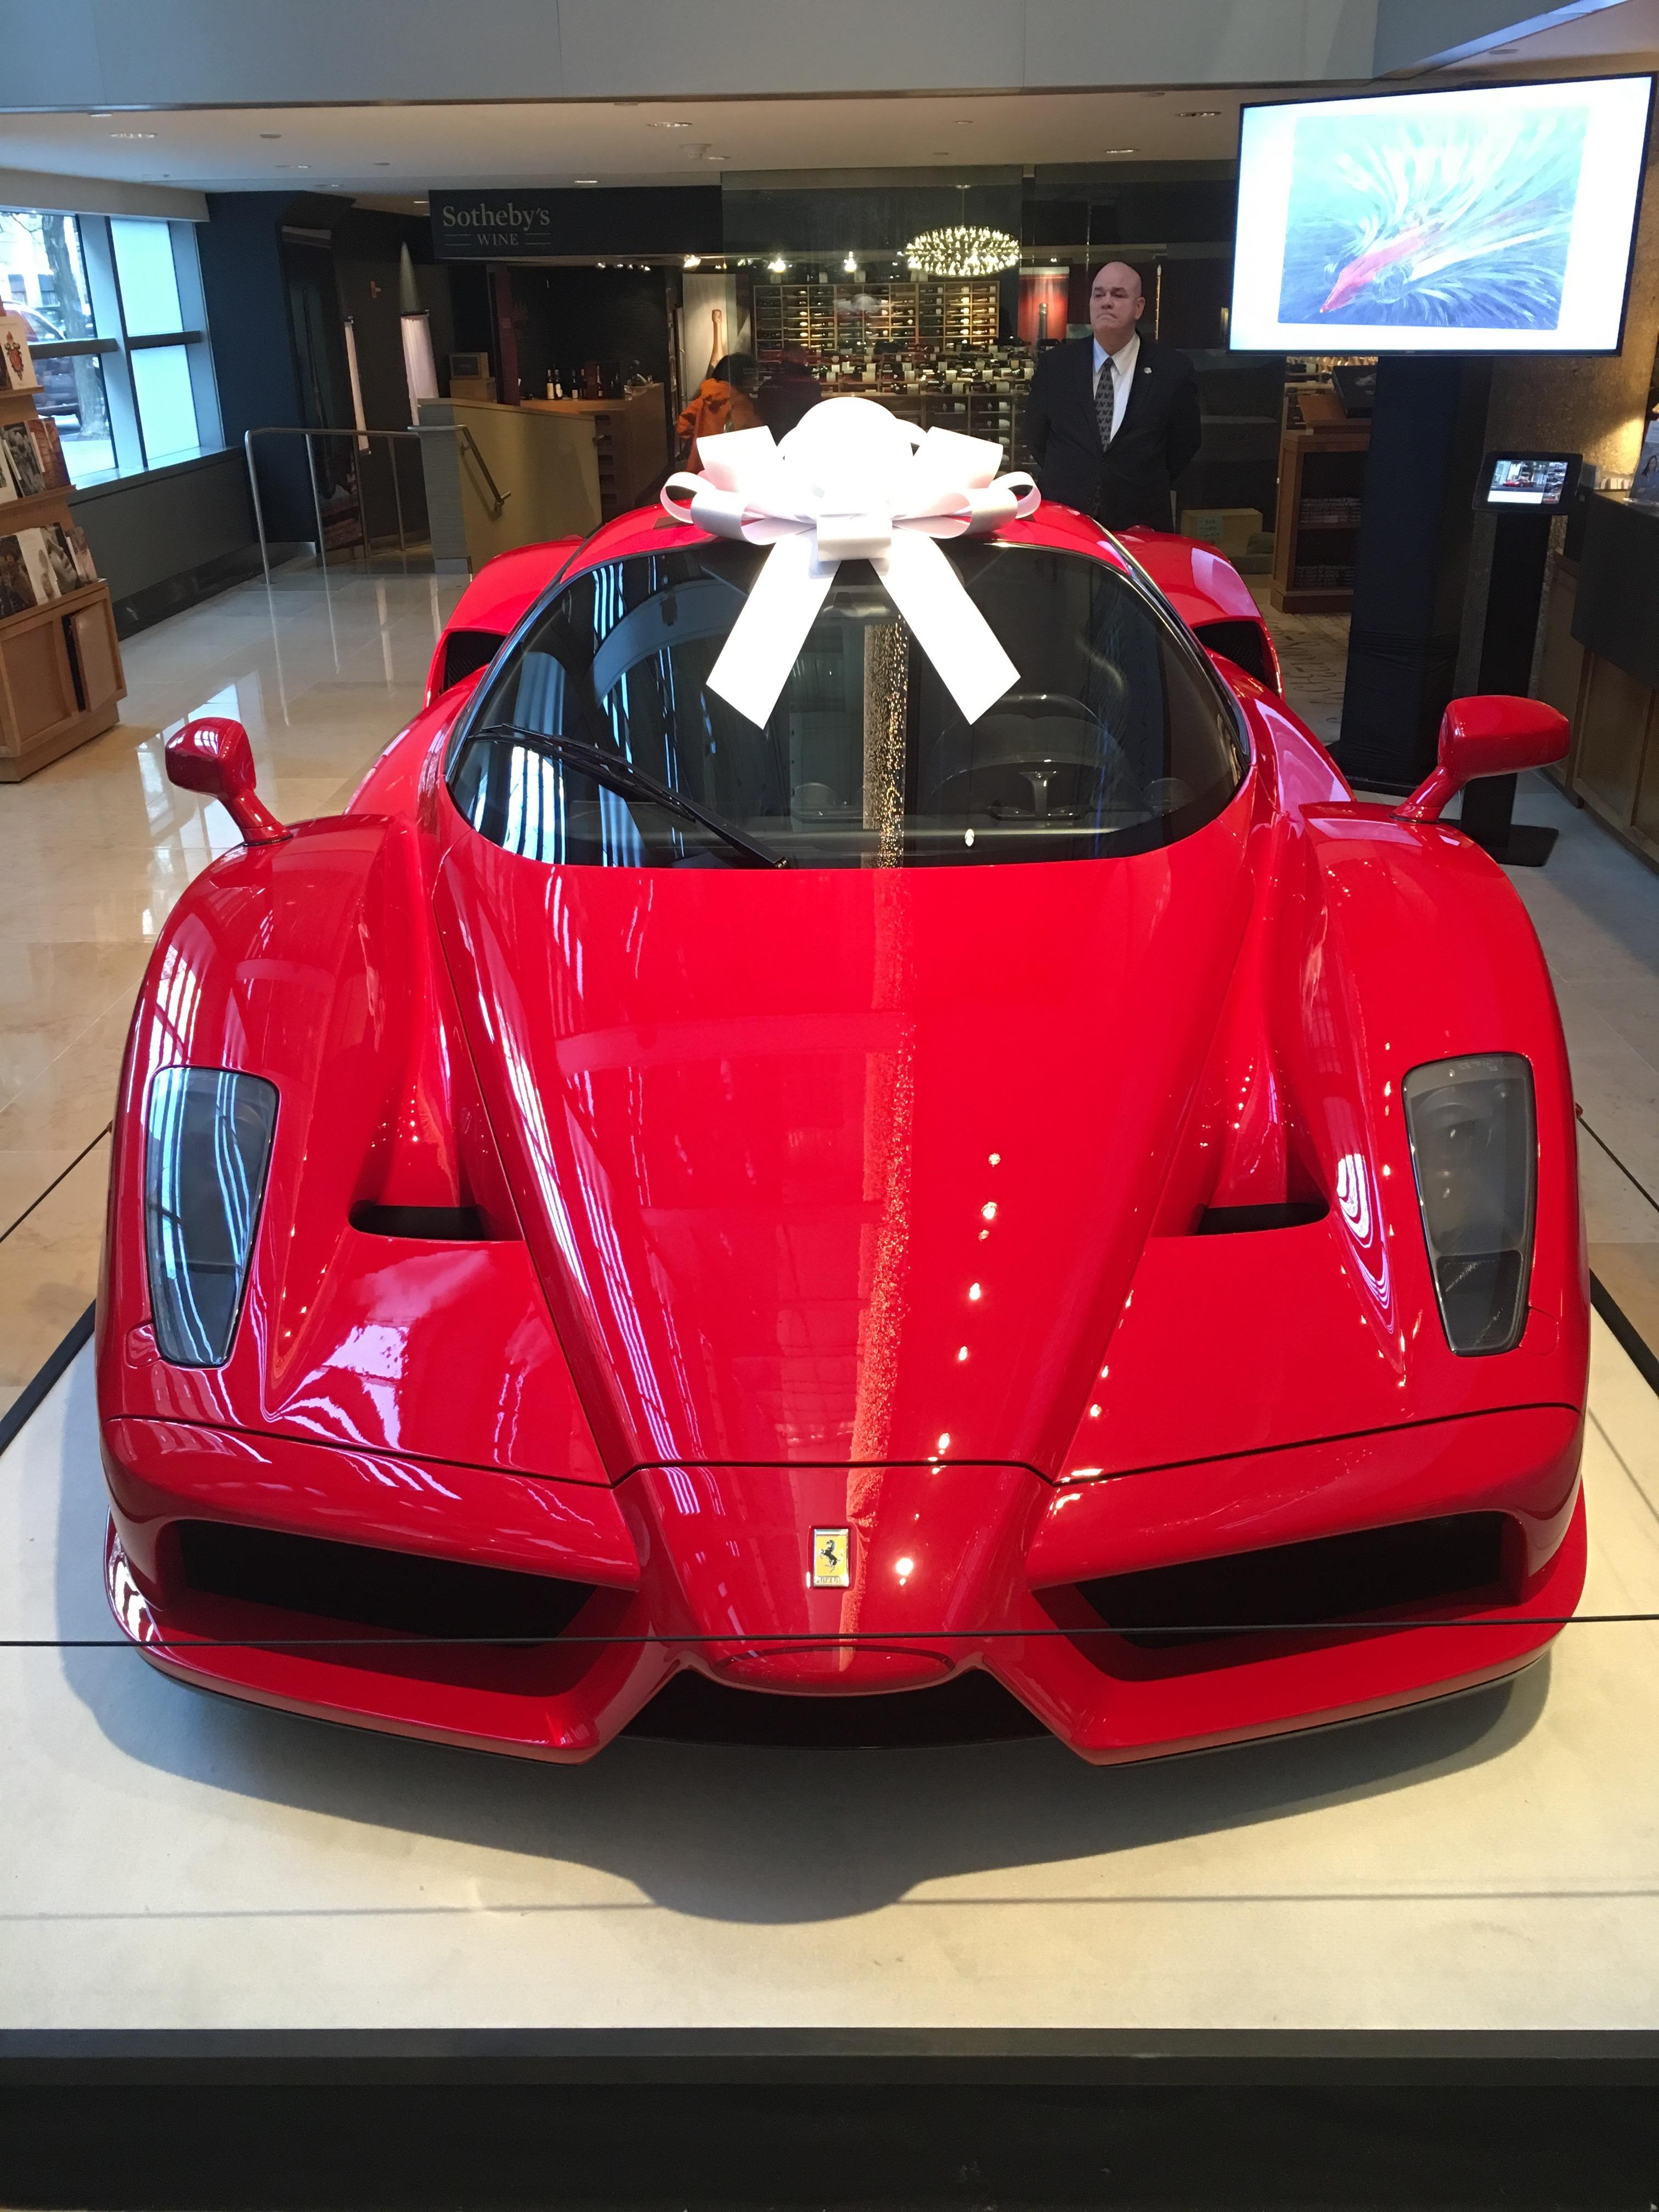 2003 Ferrari Enzo International Car Shipping